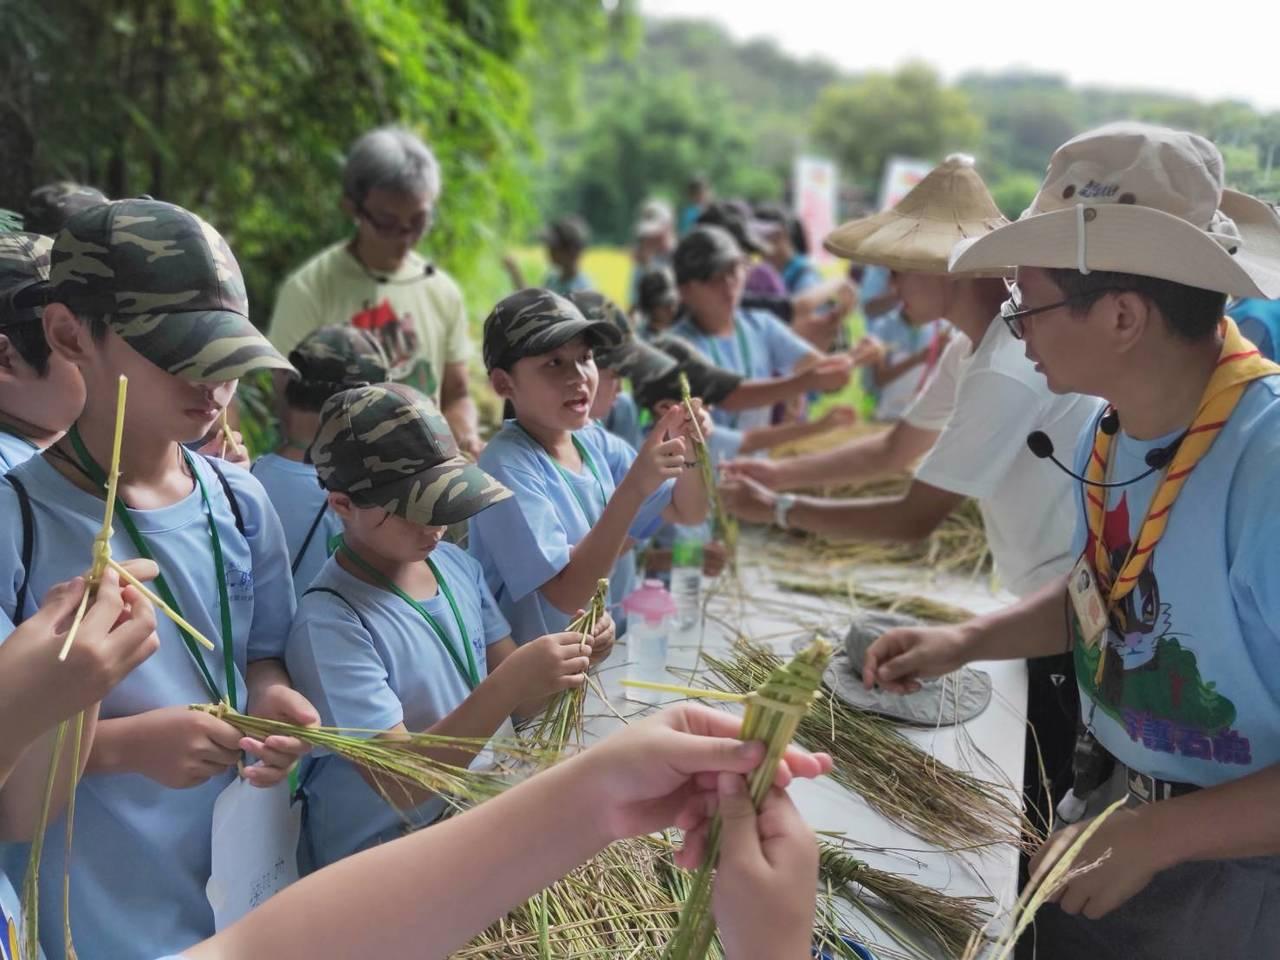 苗栗家扶中心舉辦綠光夏令營,安排學童們到稻田動手收割石虎米、享用割稻飯。圖/苗栗...